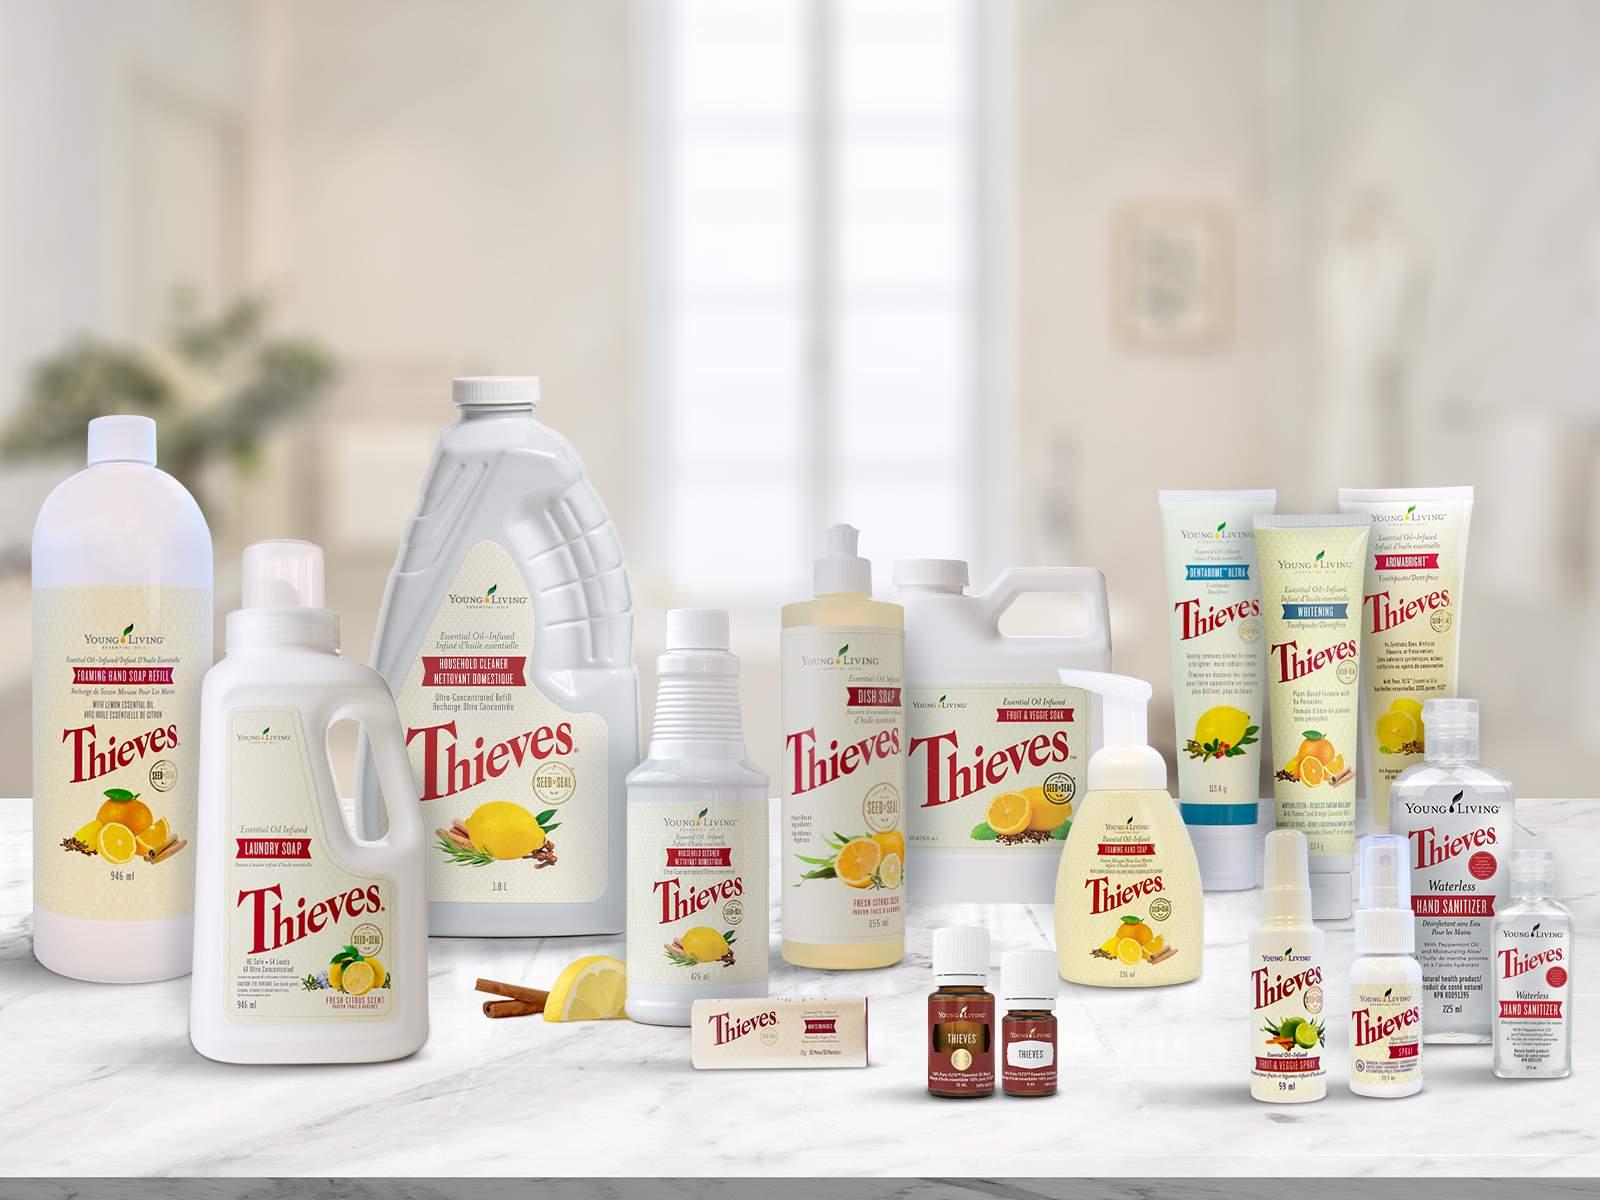 La gamme de produits Thieves : Fabriqués à partir d'ingrédients à base de plantes !